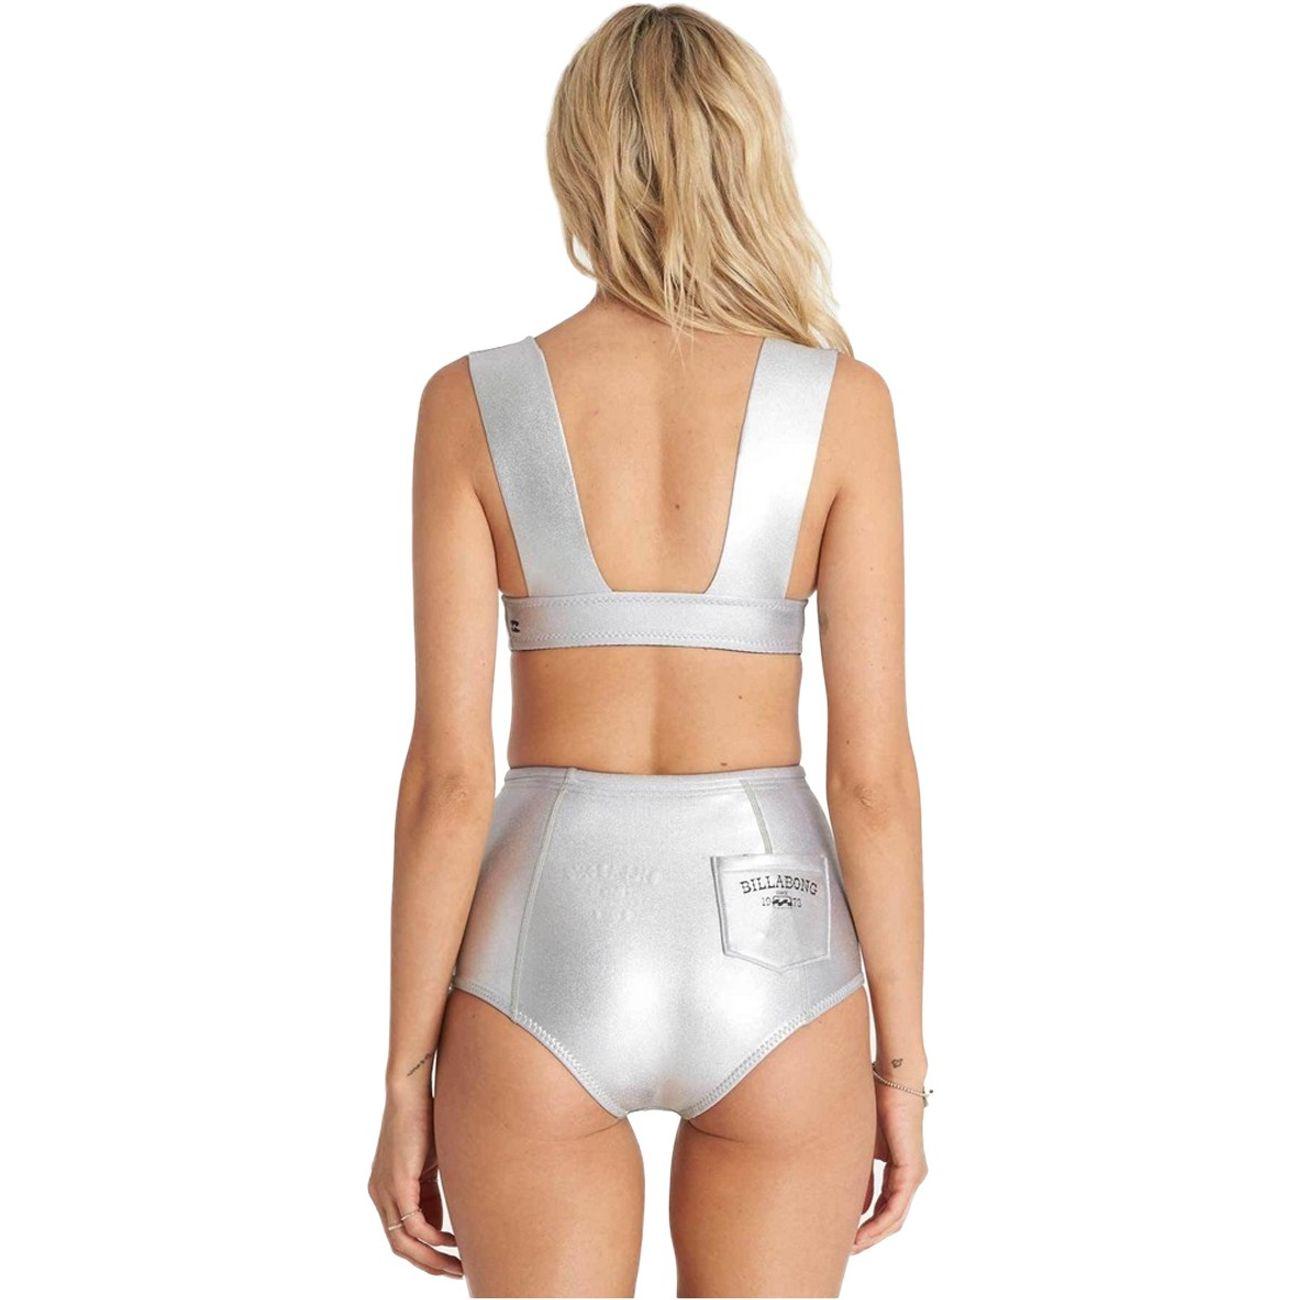 maillot de bain culotte haute billabong vintage short gris m tallique achat et prix pas cher